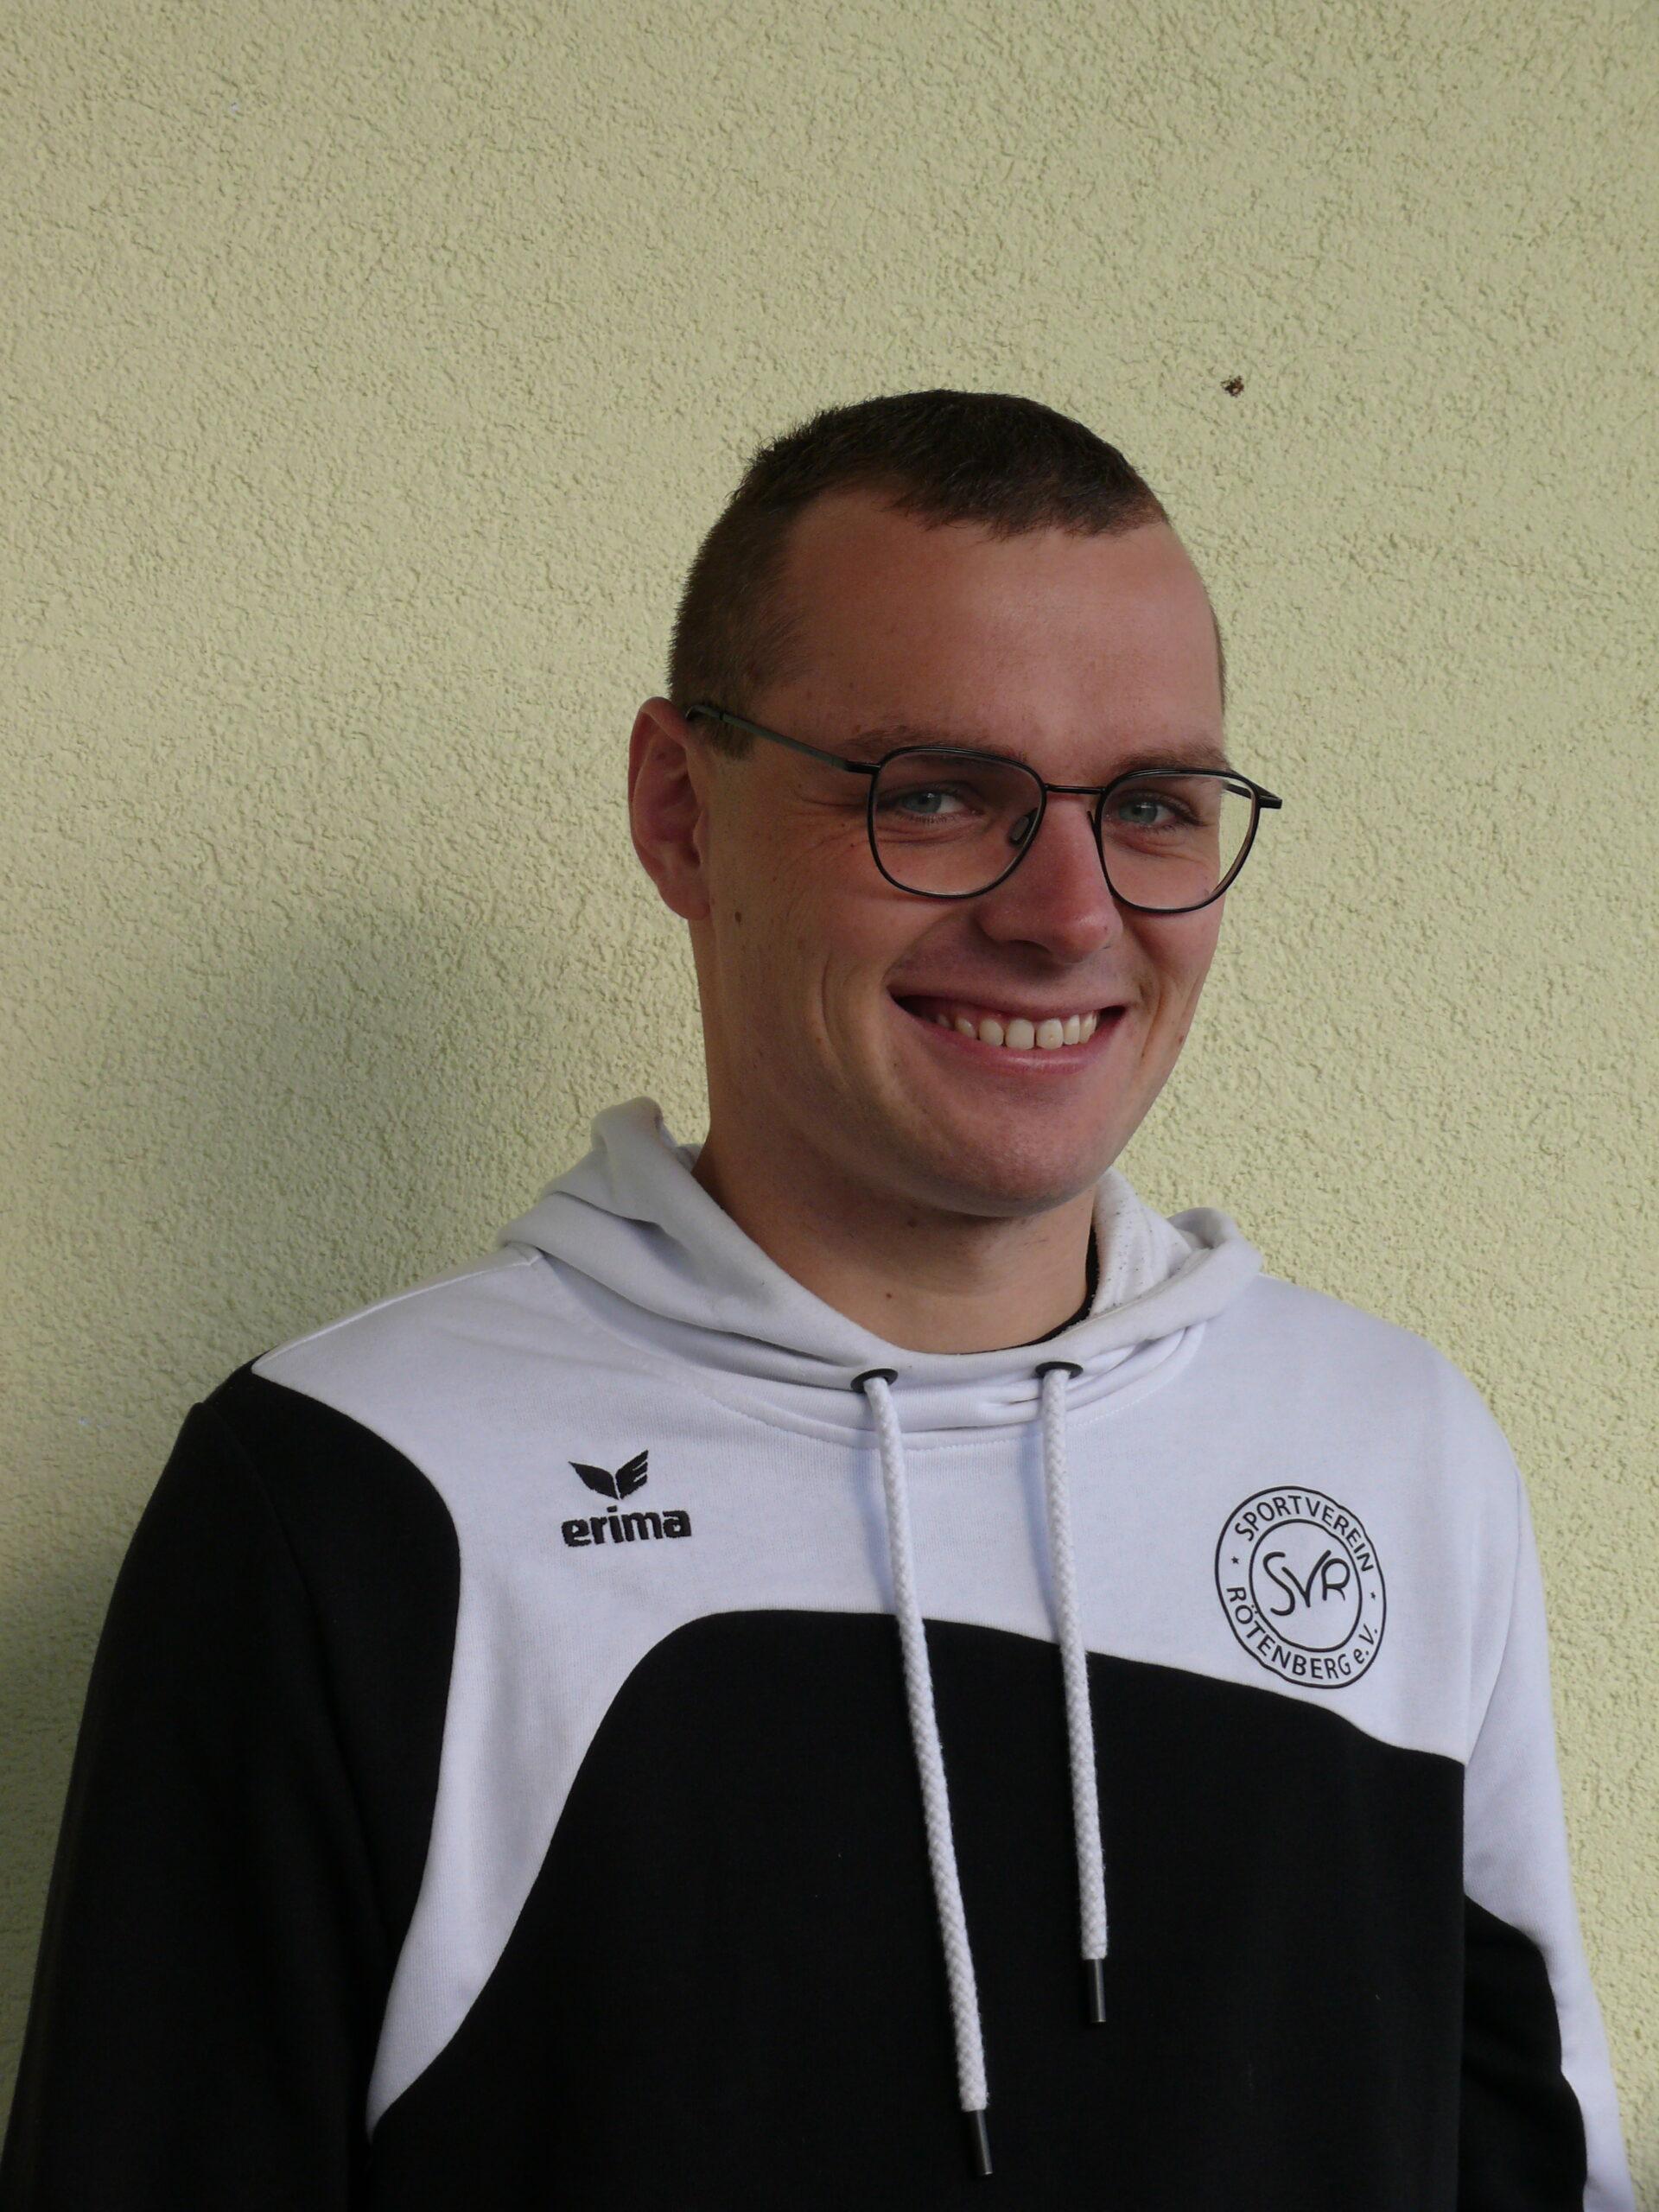 Samuel Dieterle